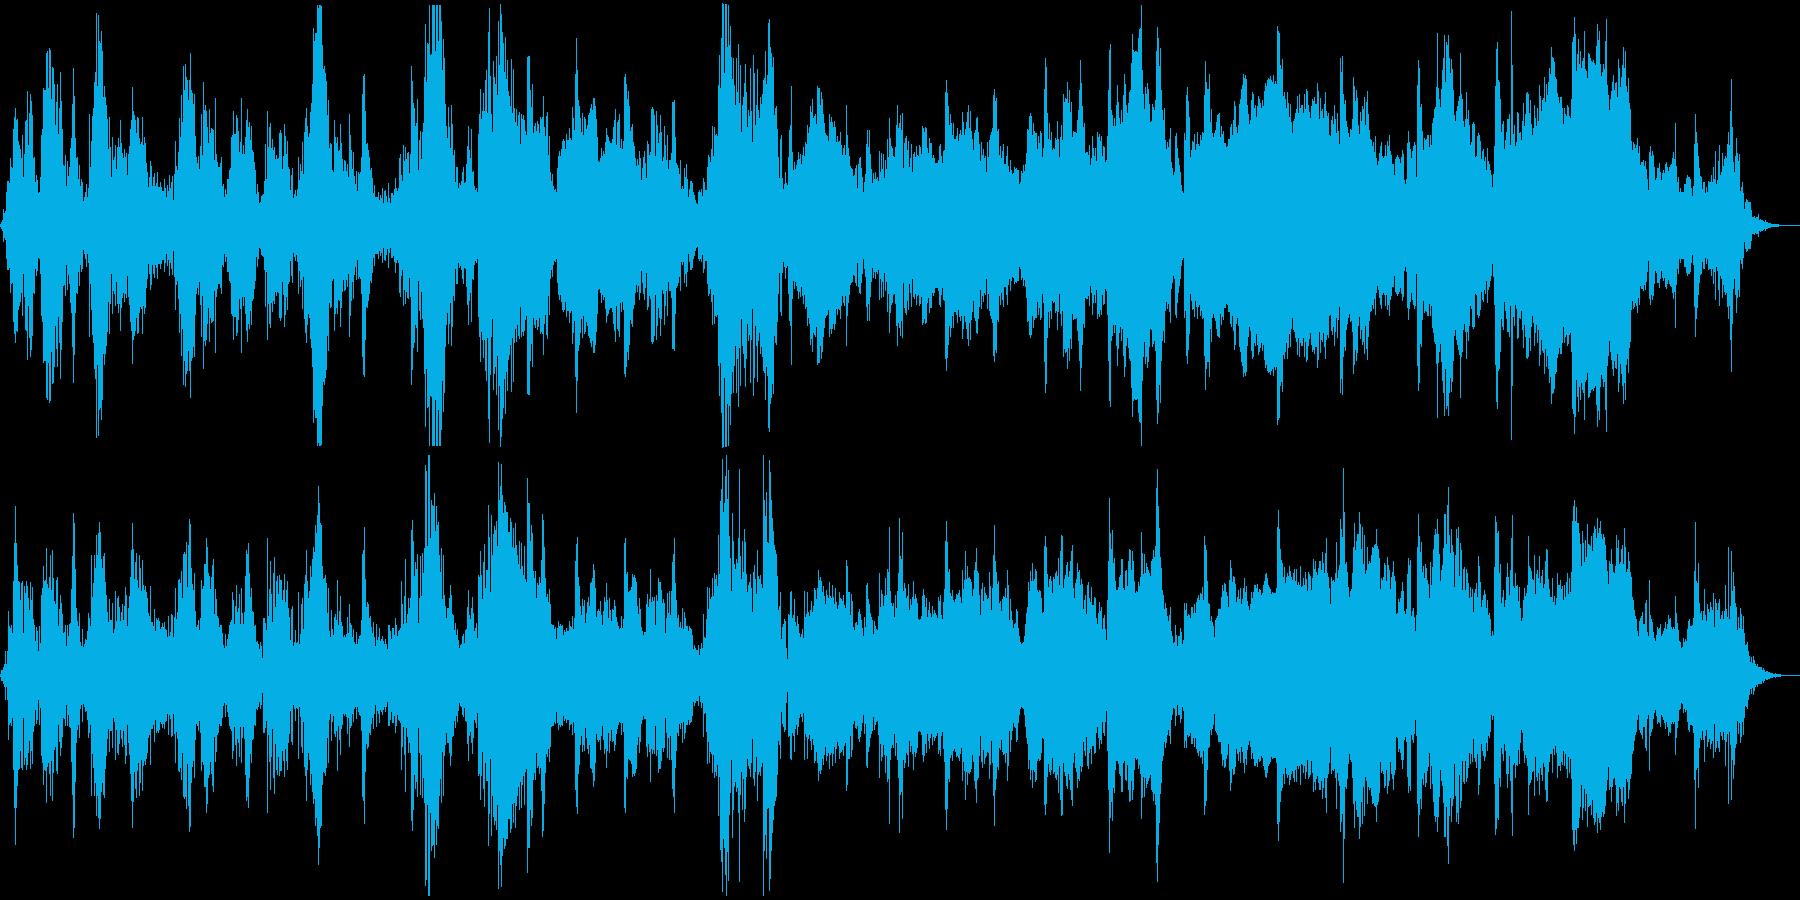 和風で不気味なホラーBGMの再生済みの波形